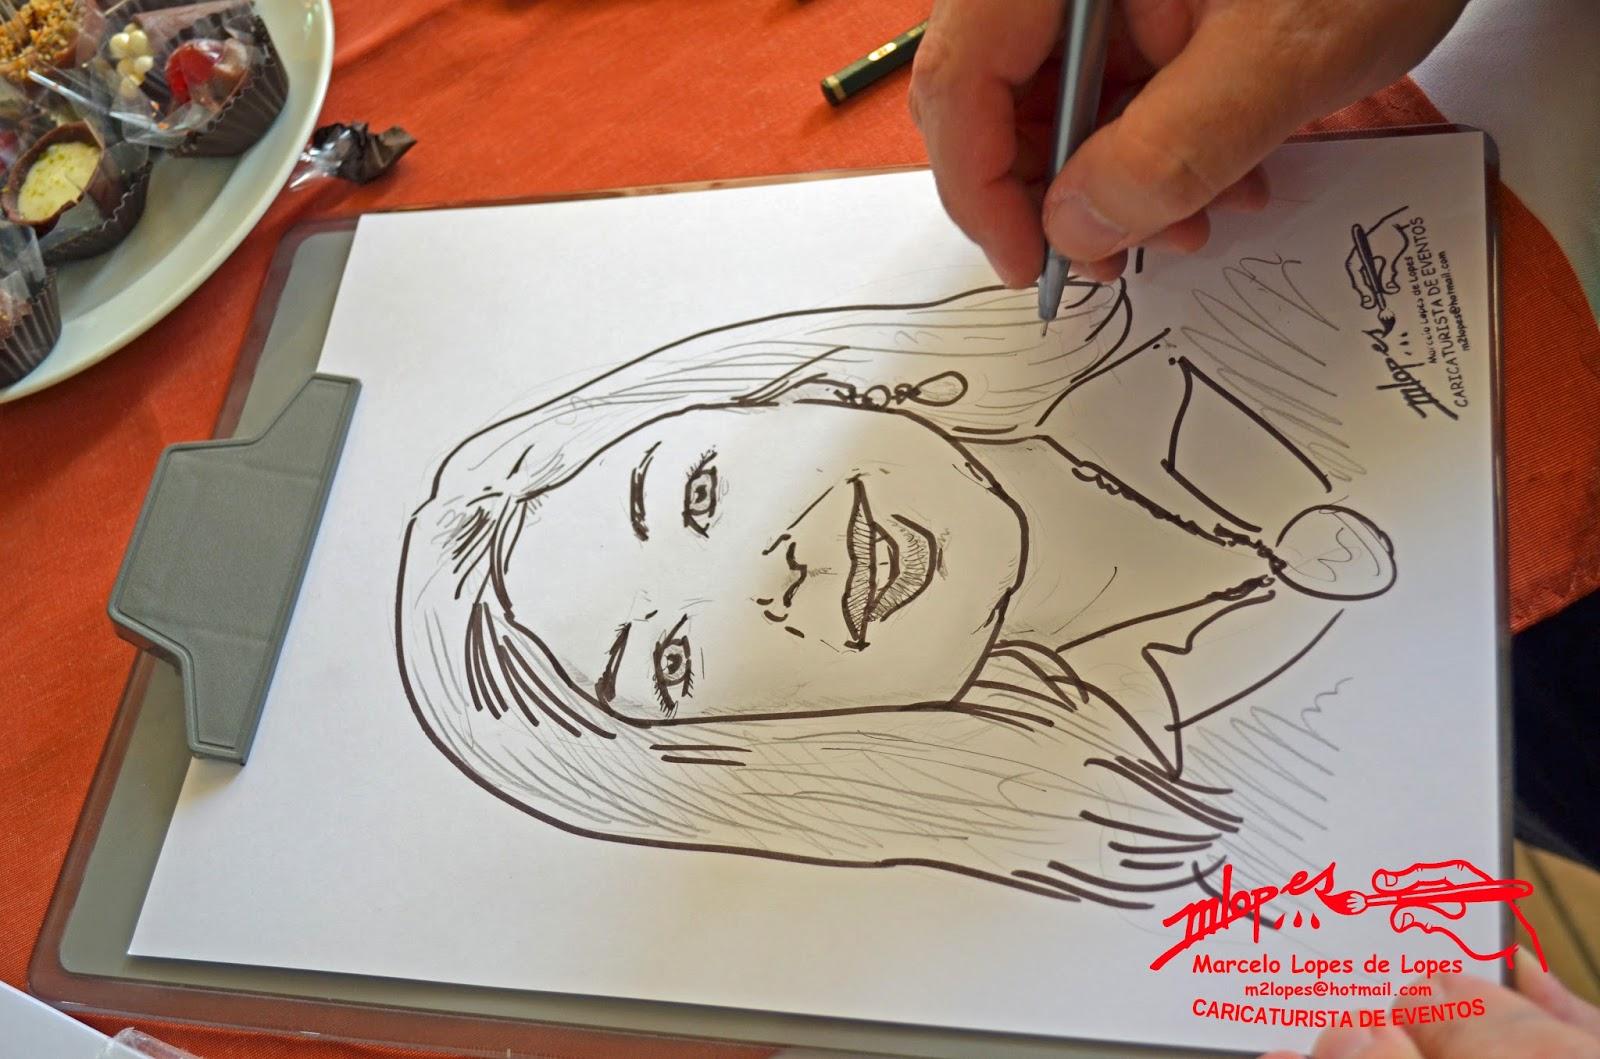 Contrate o caricaturista M2LOPES para sua festa, contato é m2lopes@hotmail.com